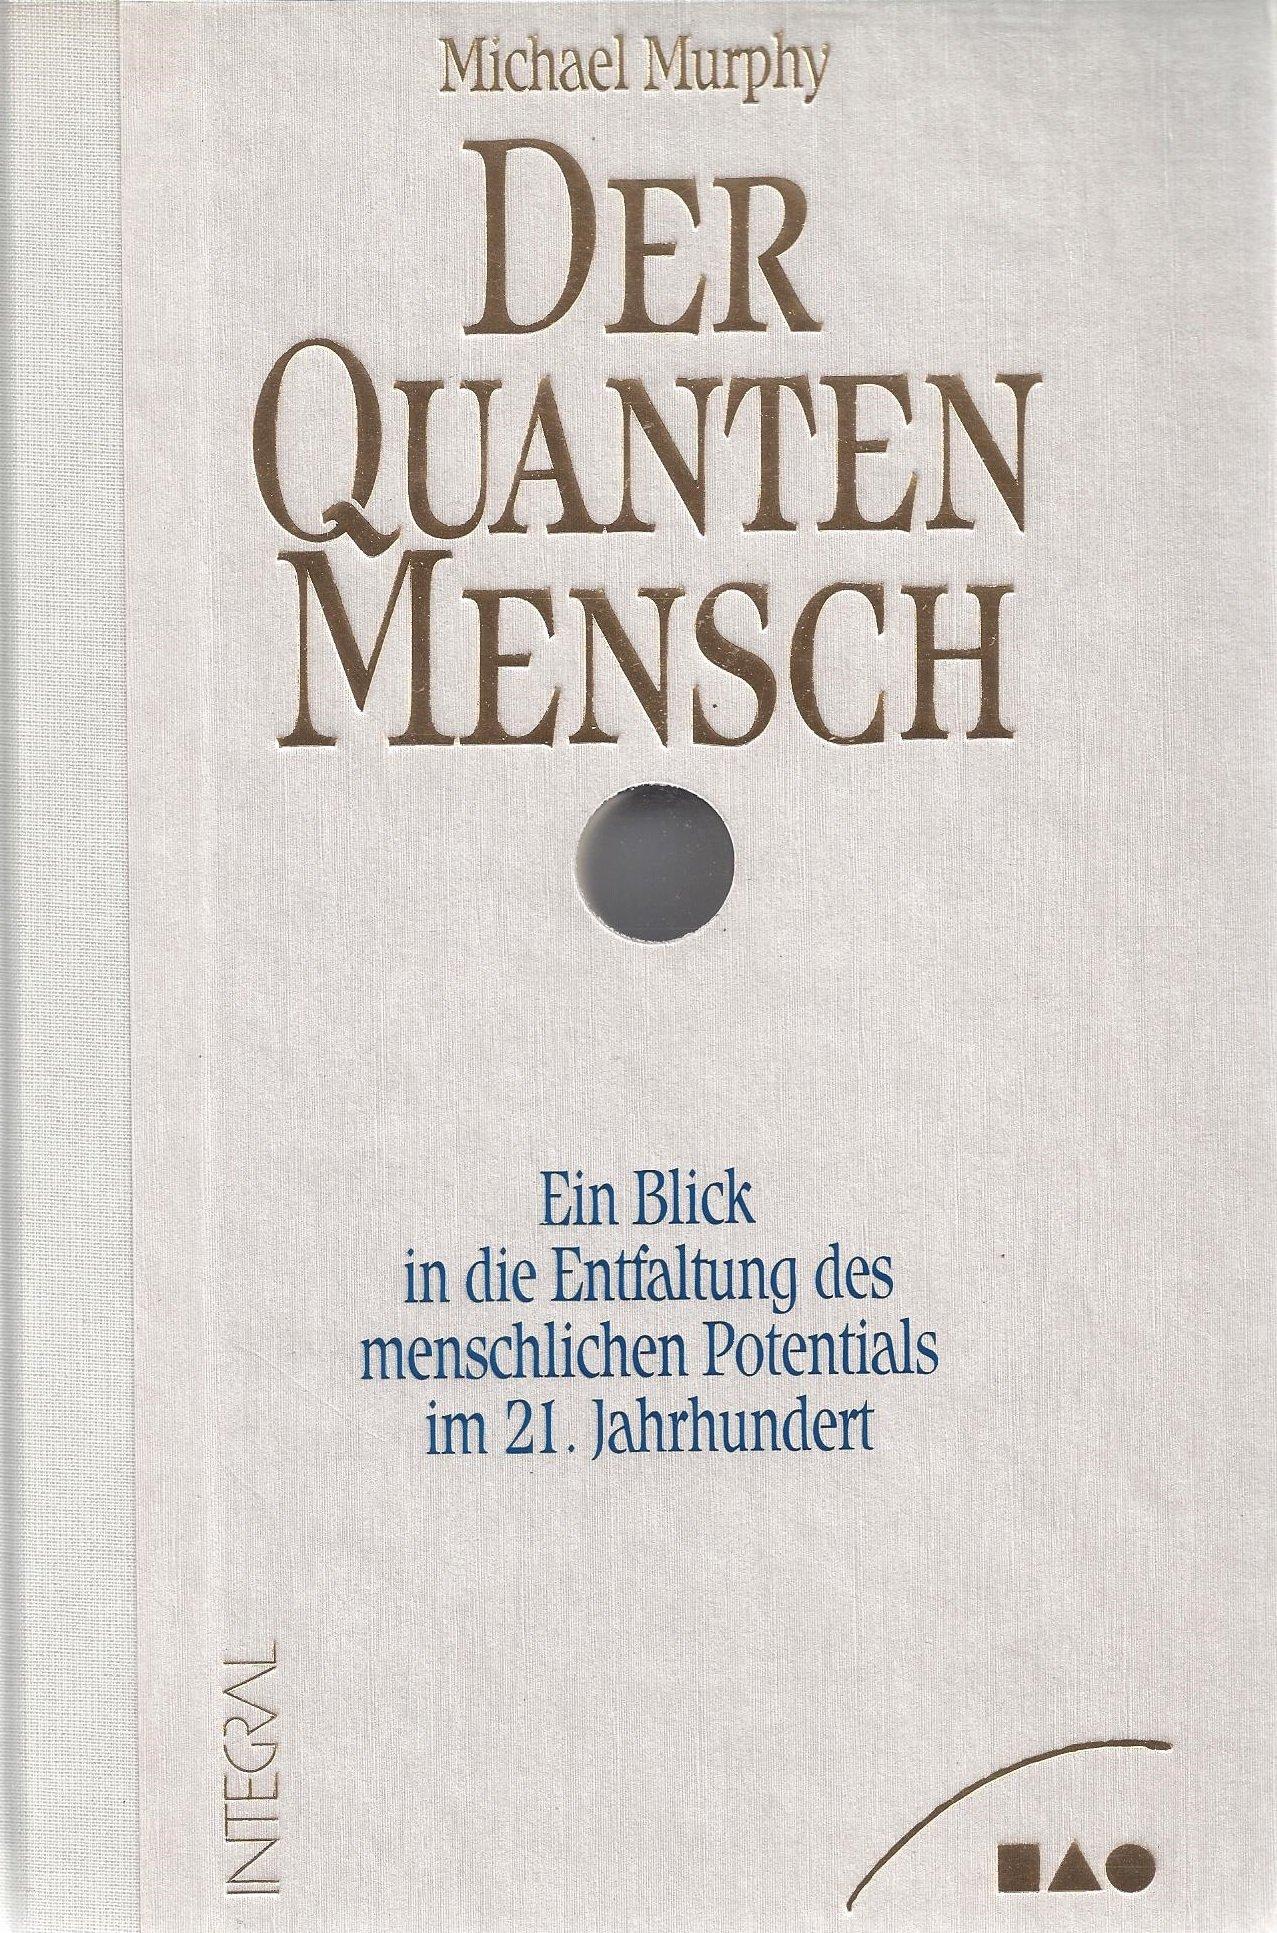 Der QuantenMensch/Ein Blick in die Entfaltung des menschlichen Potentials im 21. Jahrhundert